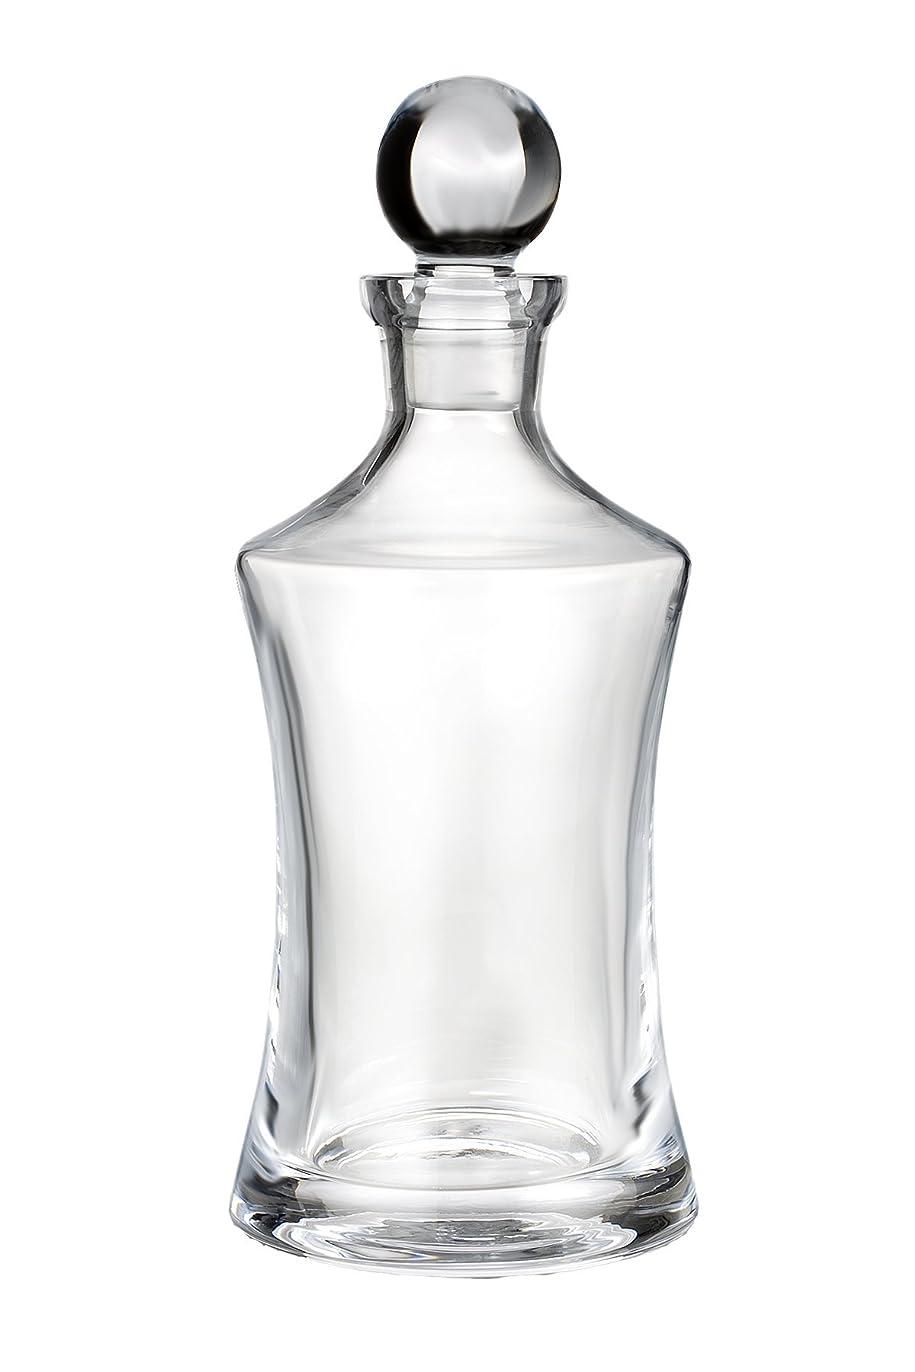 きらきら息子悲しいMarquis by Waterford Art of Mixology Vintage Hour Glass Decanter, 29-Ounce by Marquis By Waterford